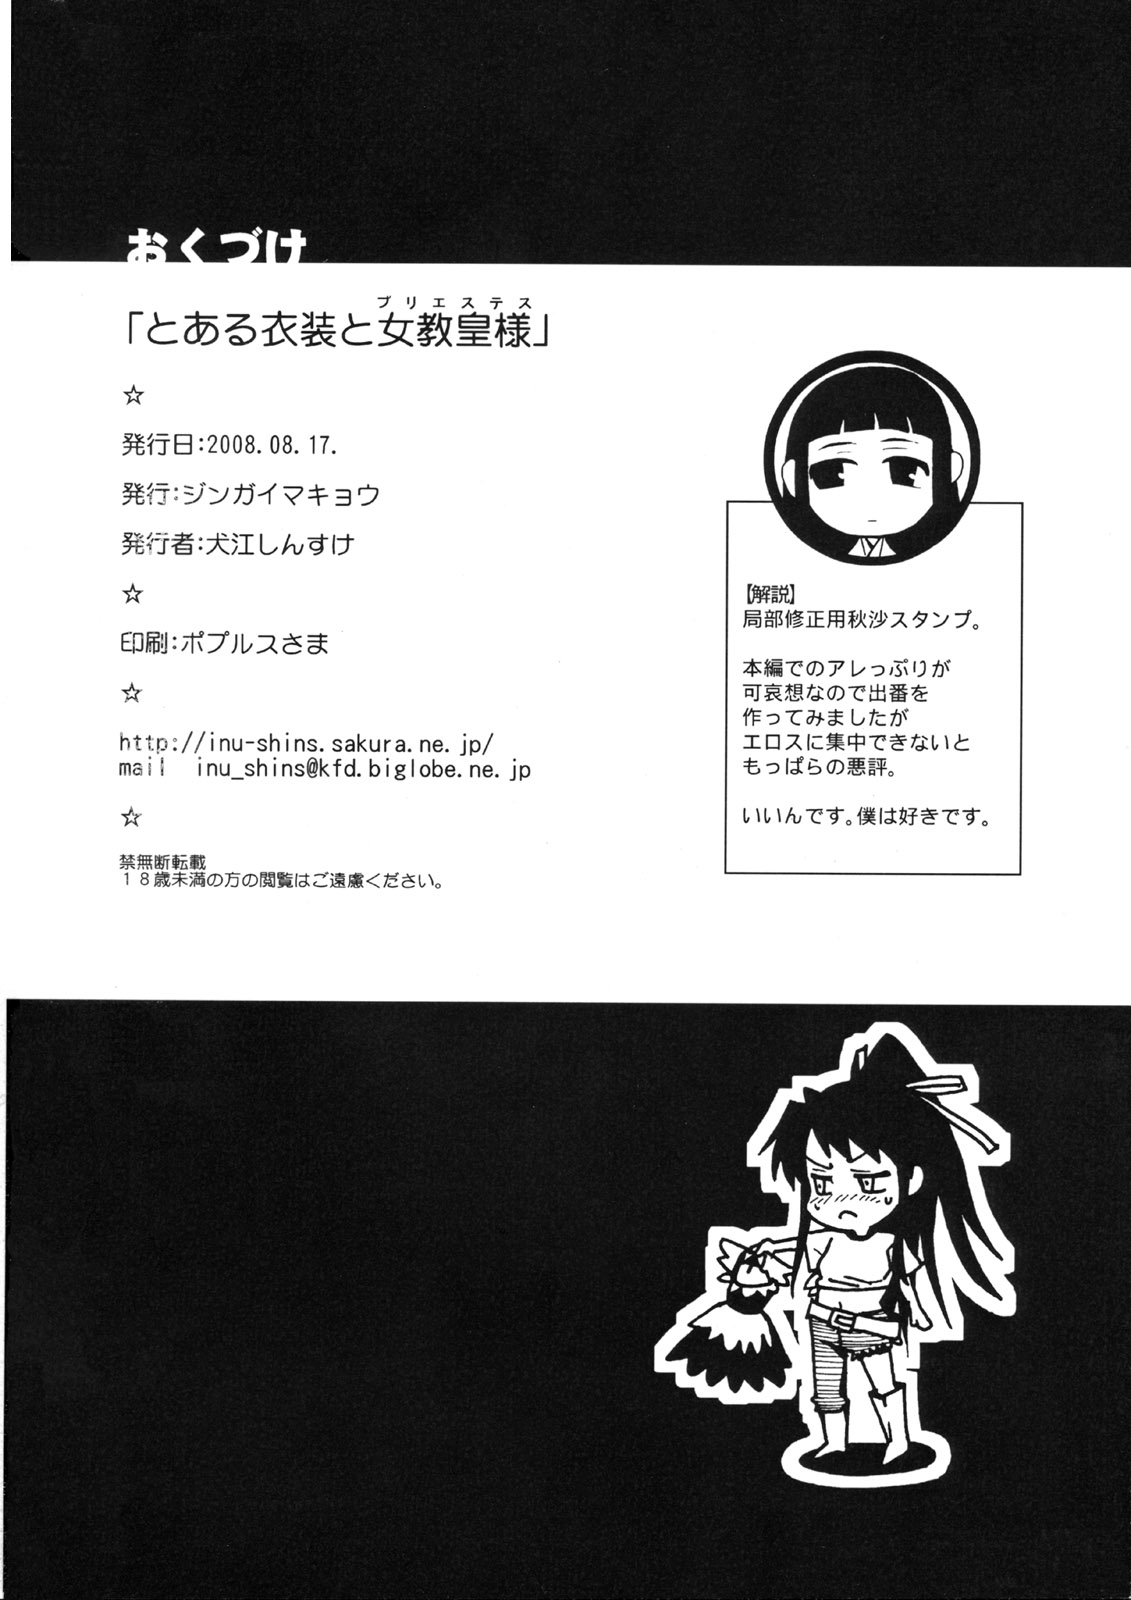 maou shoukan to majutsu dorei no shoujo isekai novela Seikoku-no-dragonar